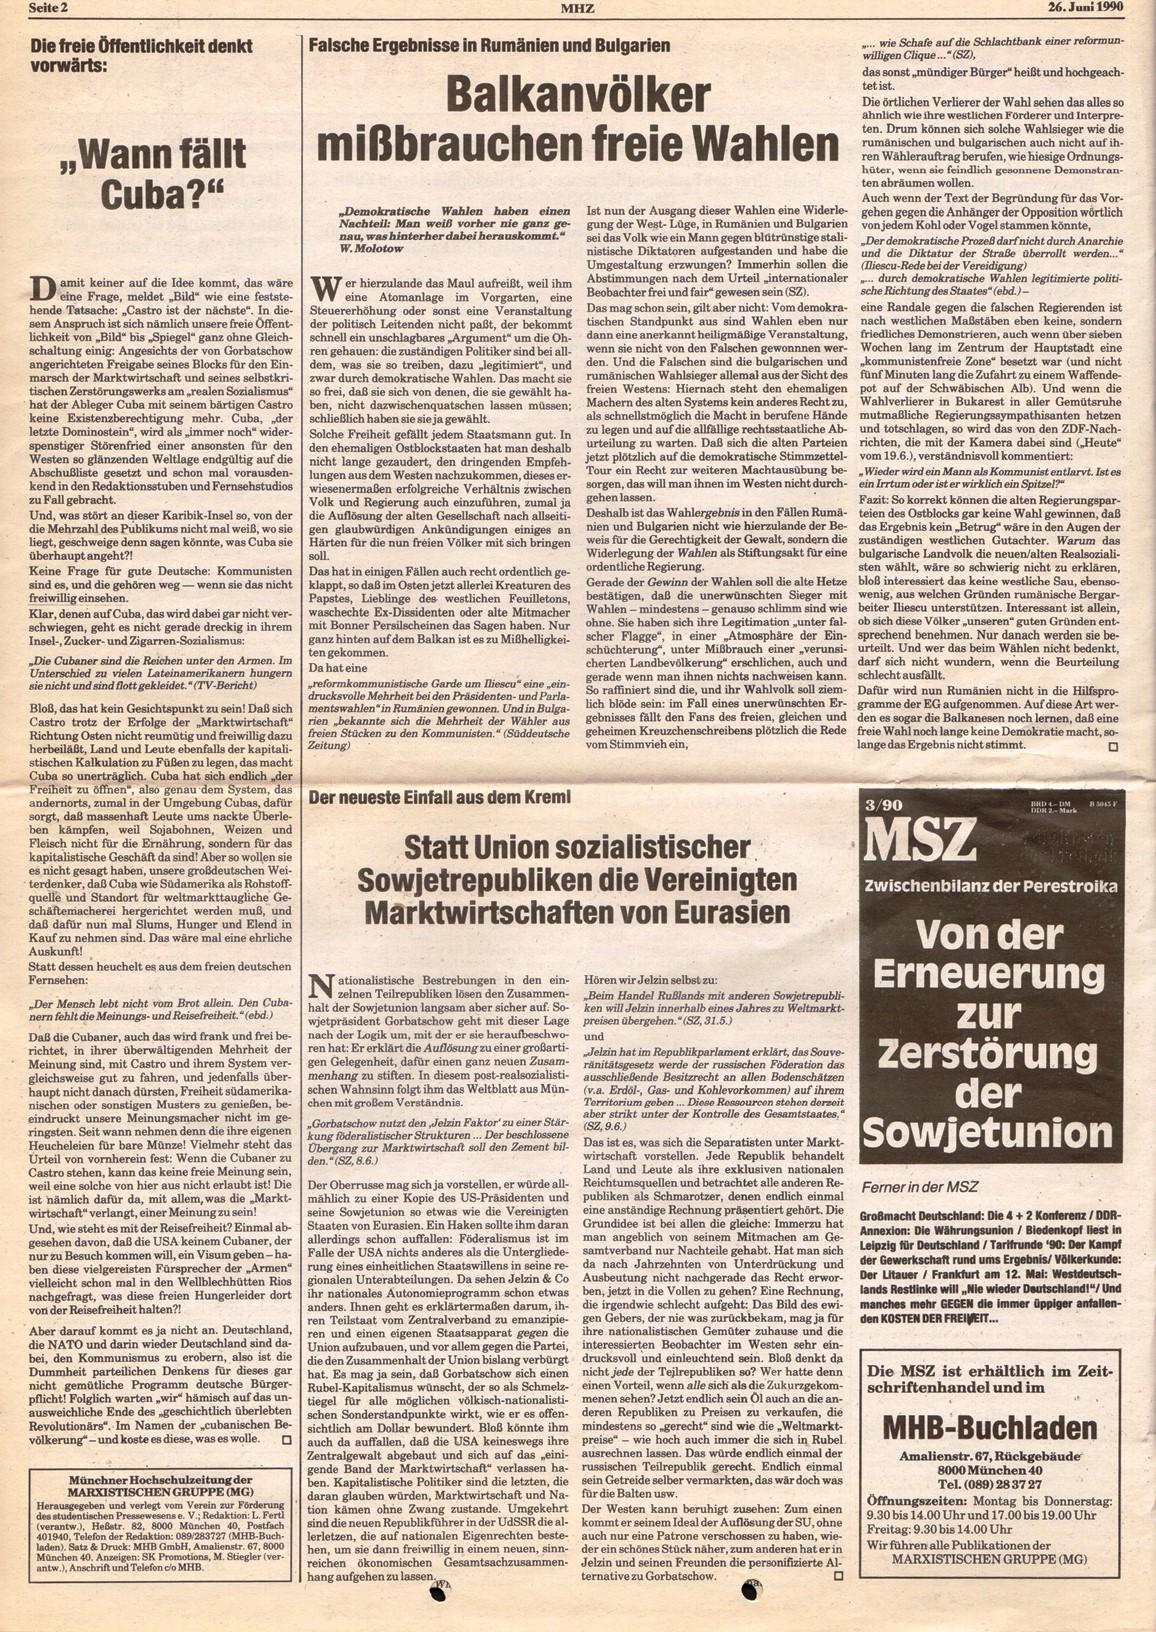 Muenchen_MG_Hochschulzeitung_19900626_02